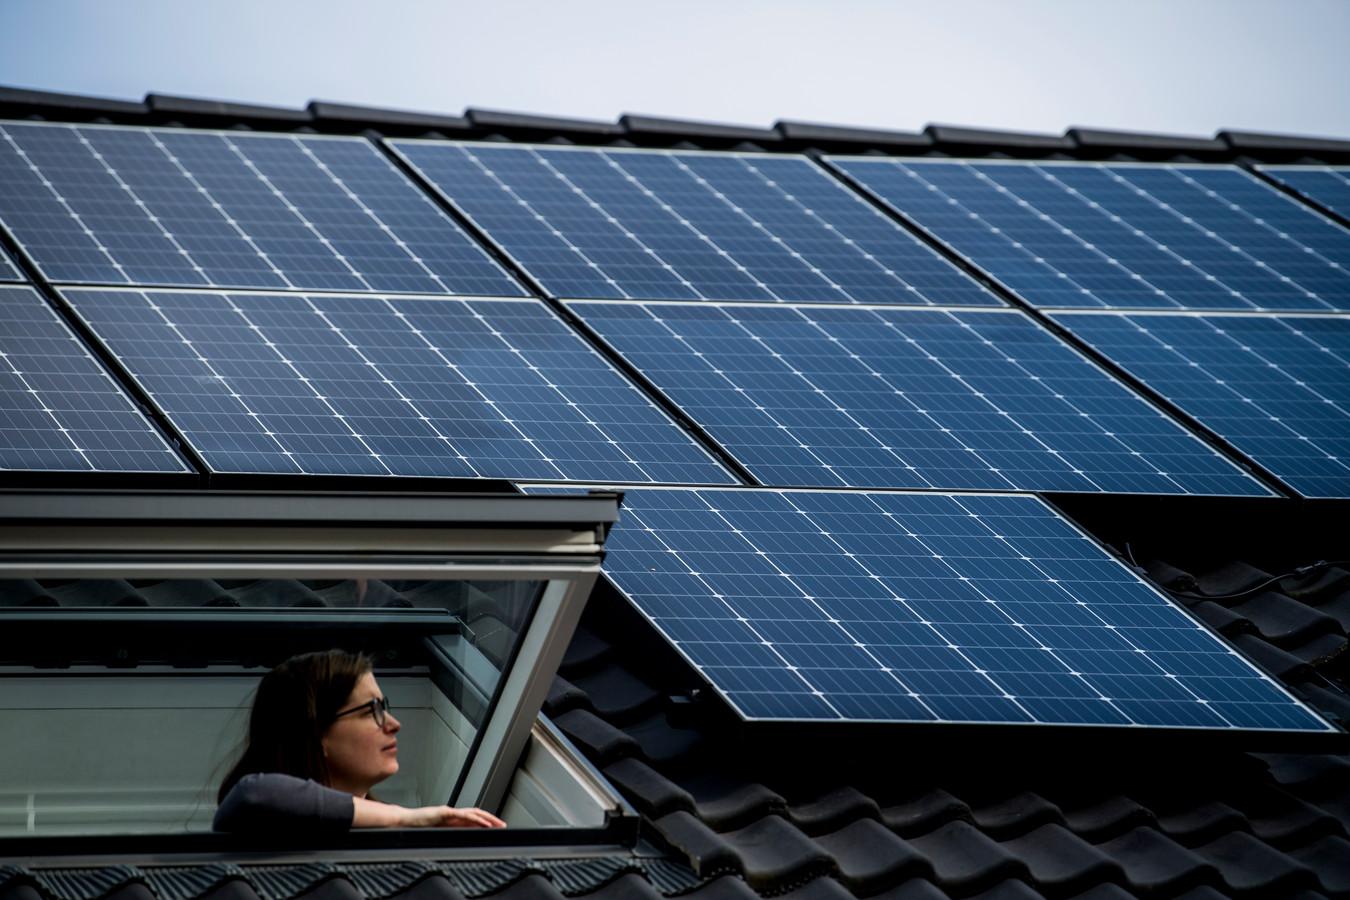 Zonnepanelen op een dak in Mechelen, ter illustratie.